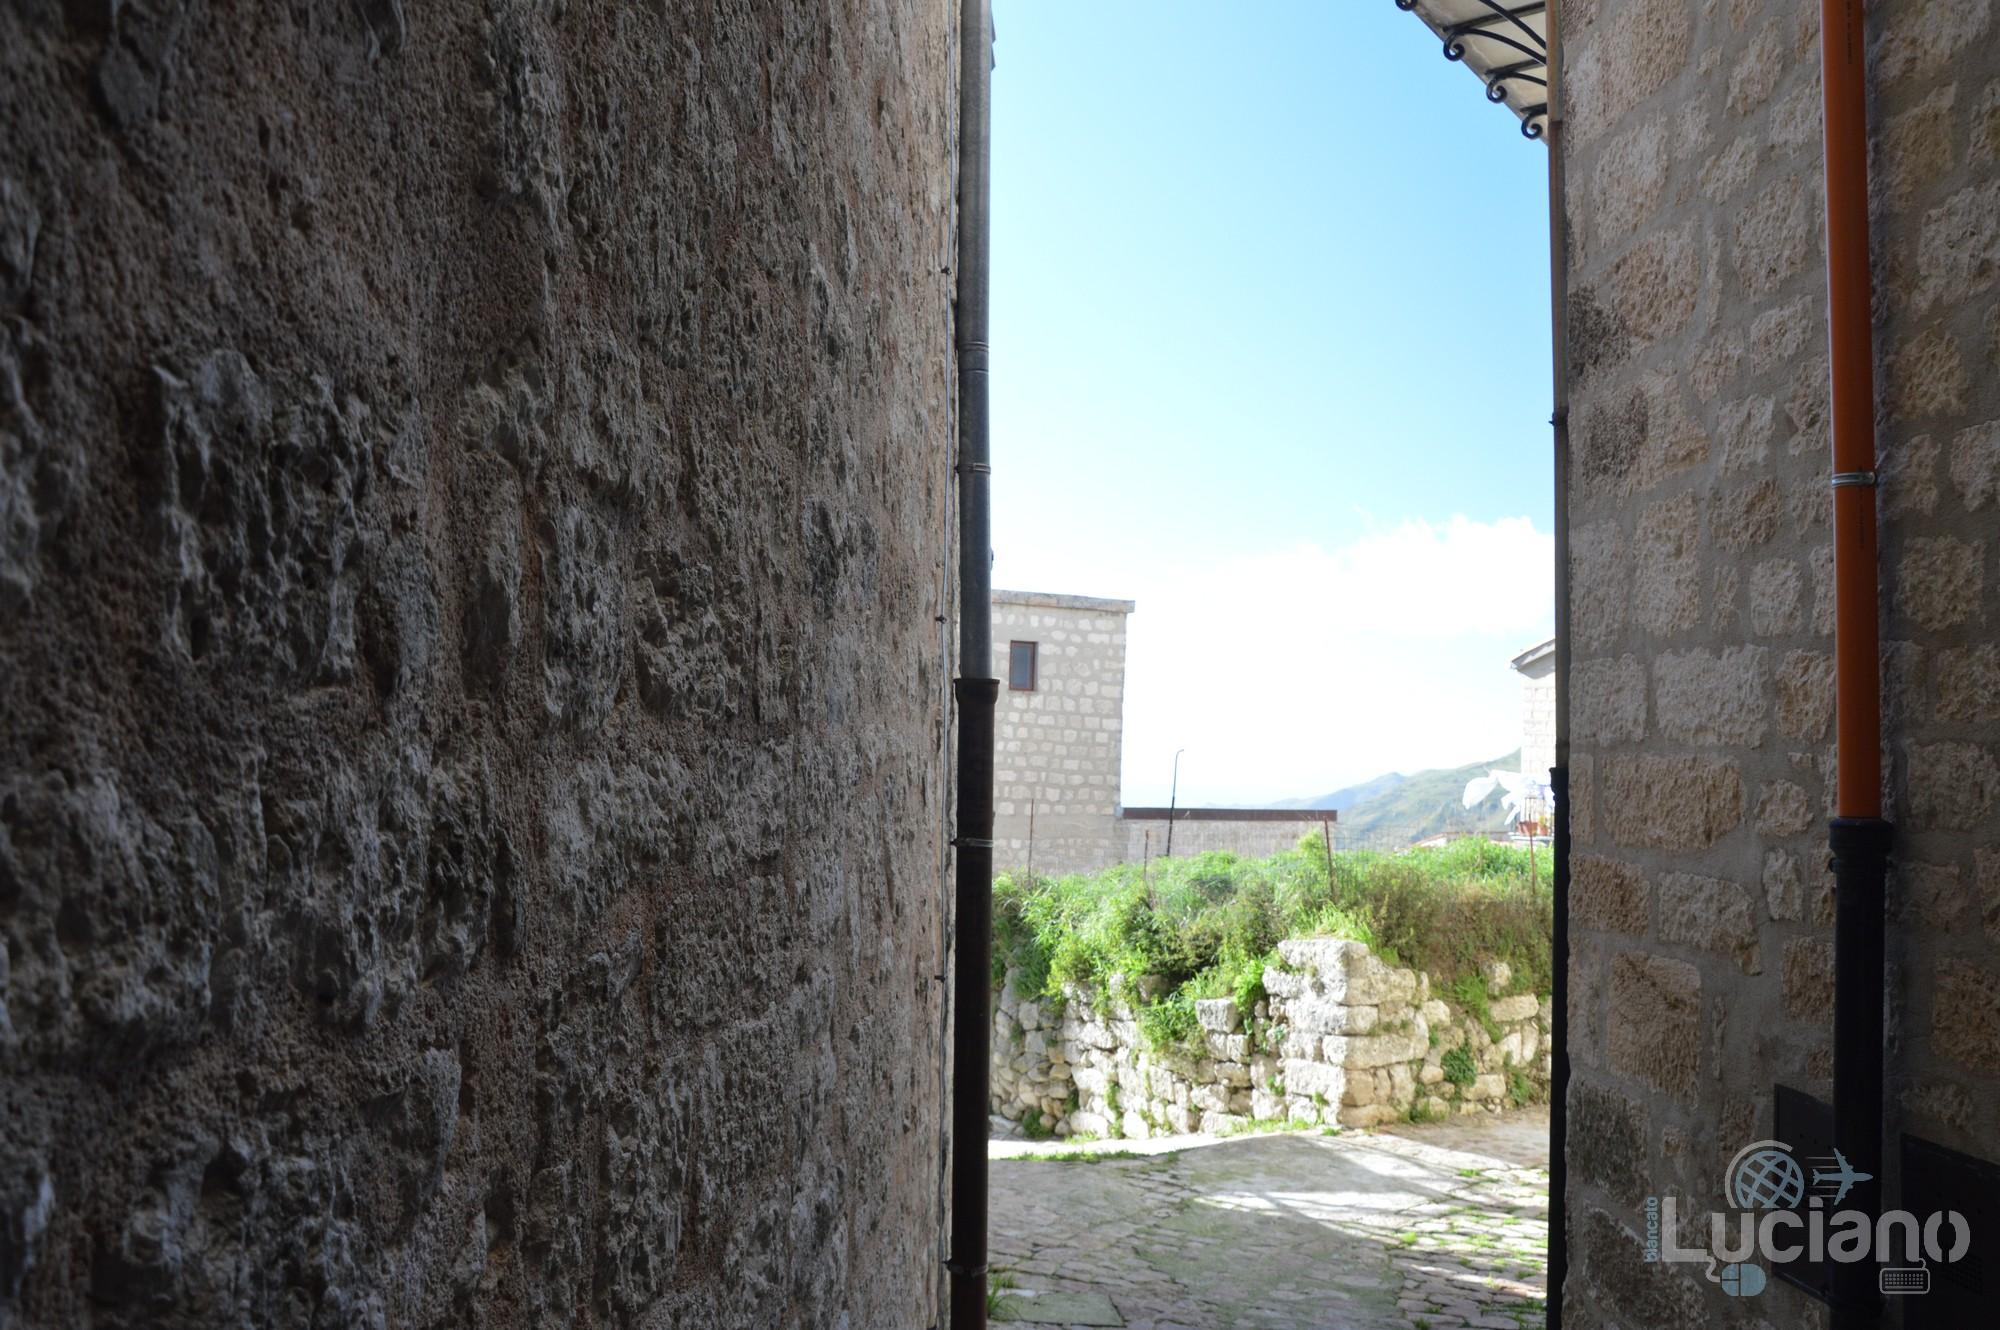 Vista da Petralia Soprana - Palermo -  I Borghi più belli d'Italia - Borgo più bello d'Italia 2018